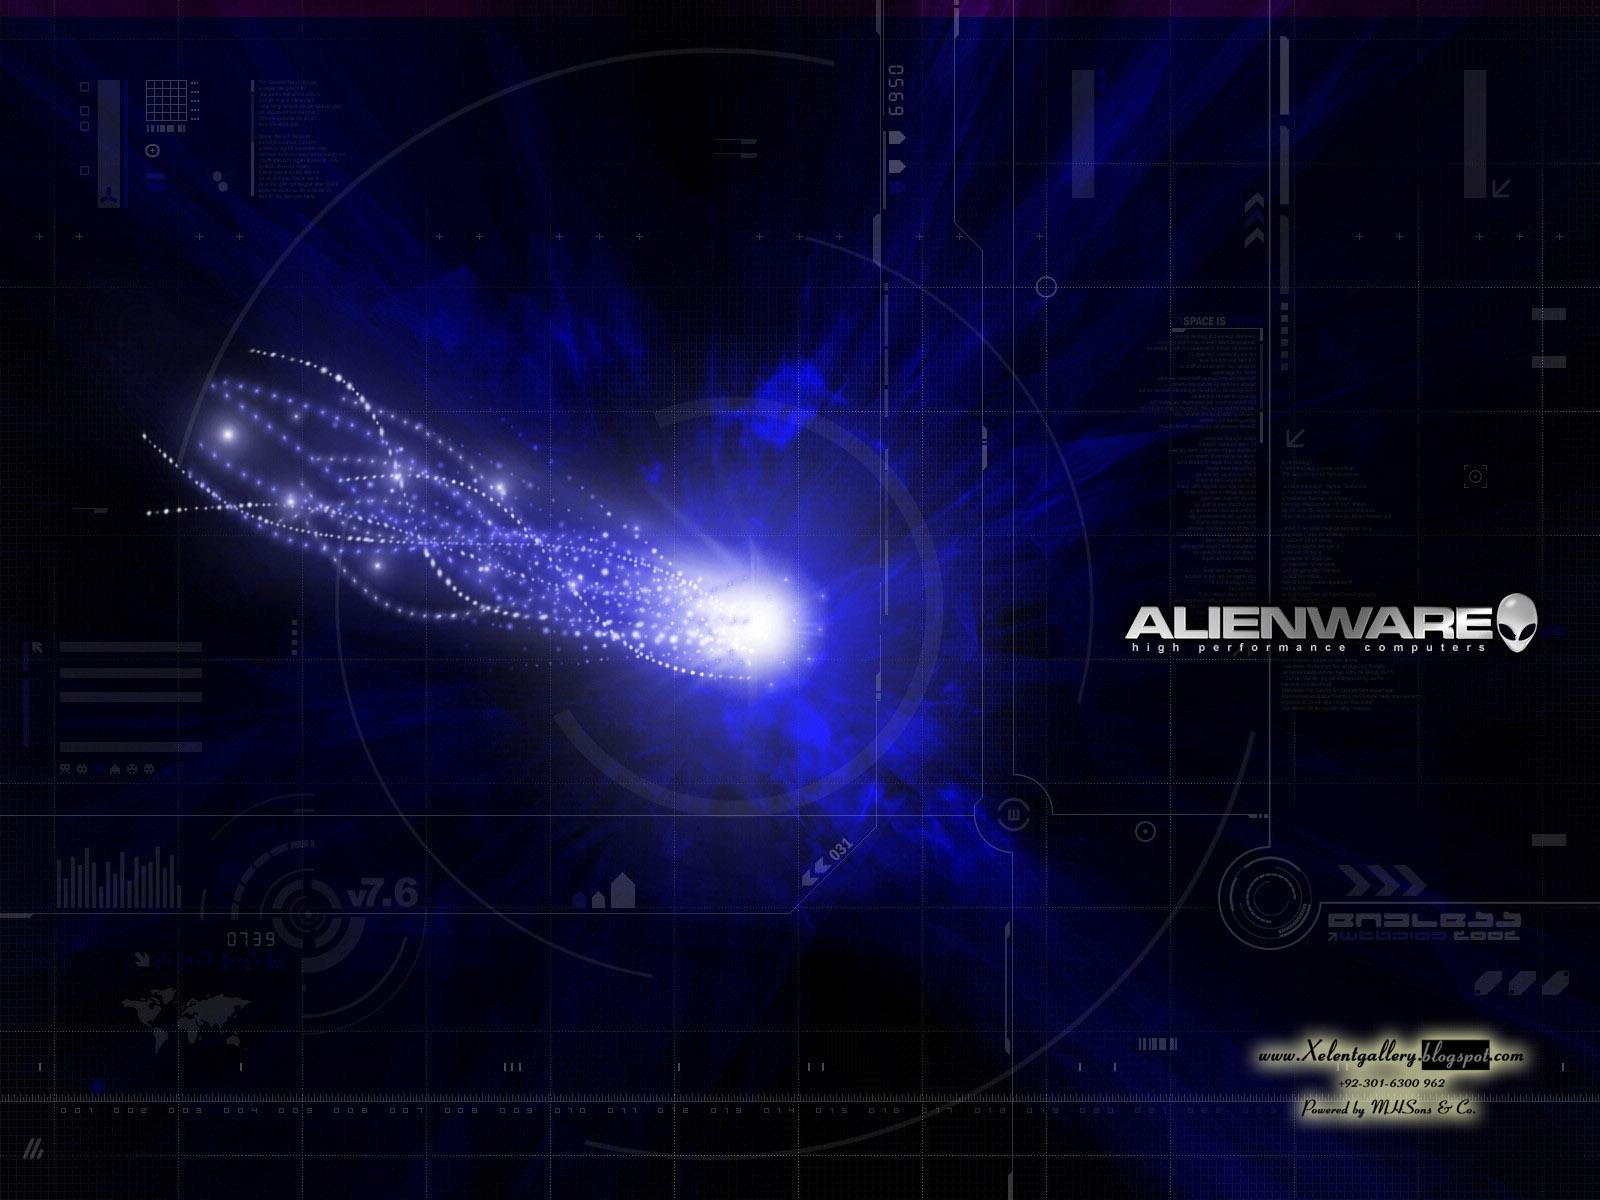 HD Alienware Wallpapers Pack 1600x1200 Xelent Gallery 1600x1200